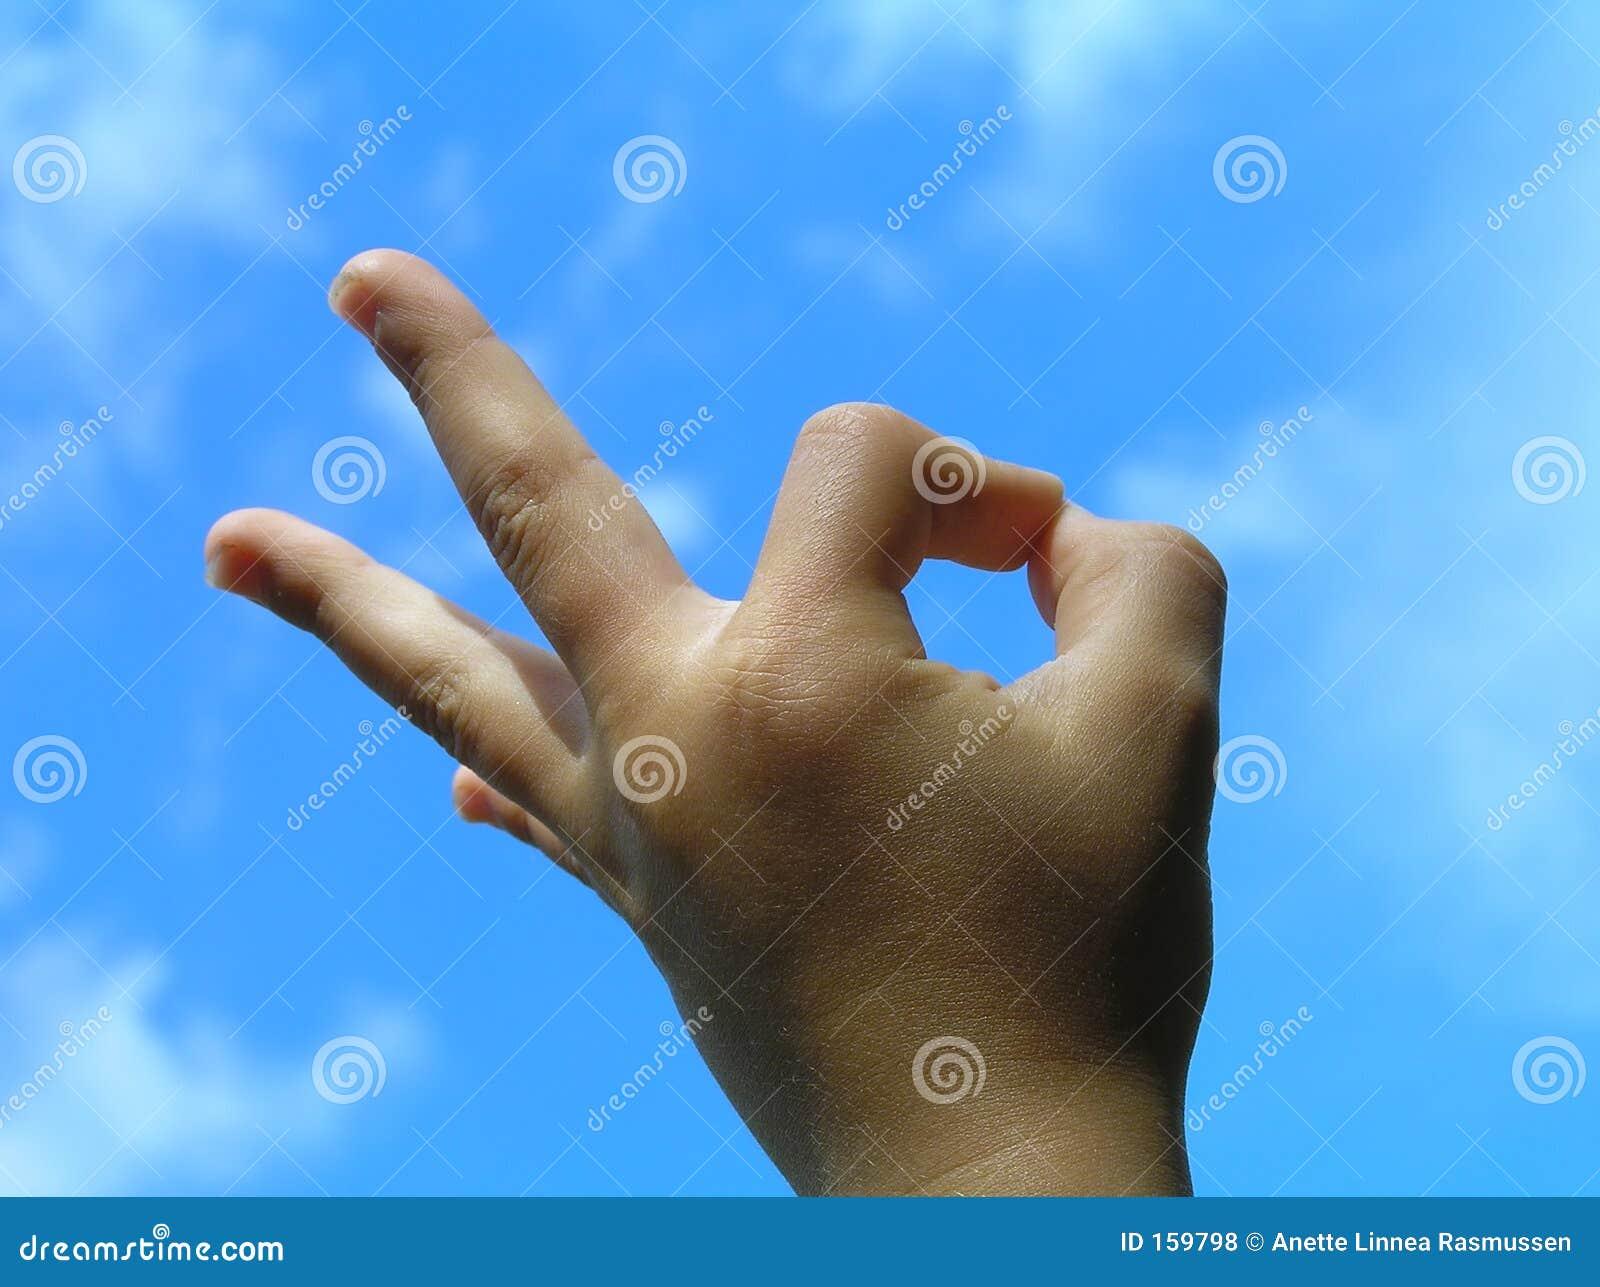 Acceptance gesture � child hand